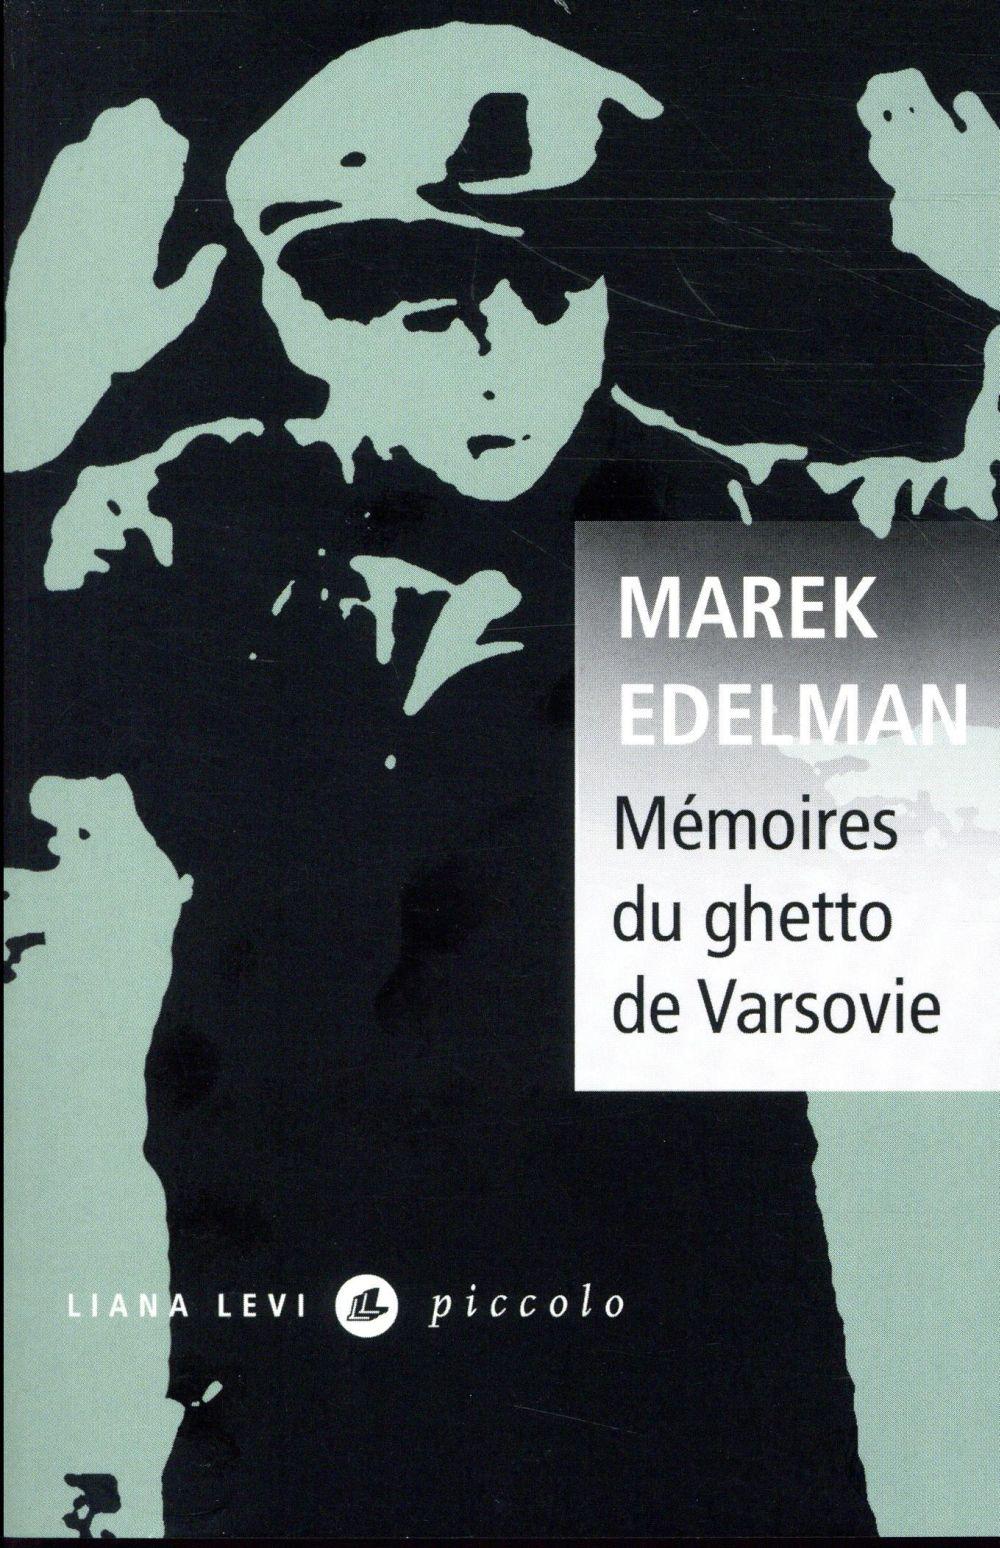 MEMOIRES DU GHETTO DE VARSOVIE EDELMAN, MAREK LEVI